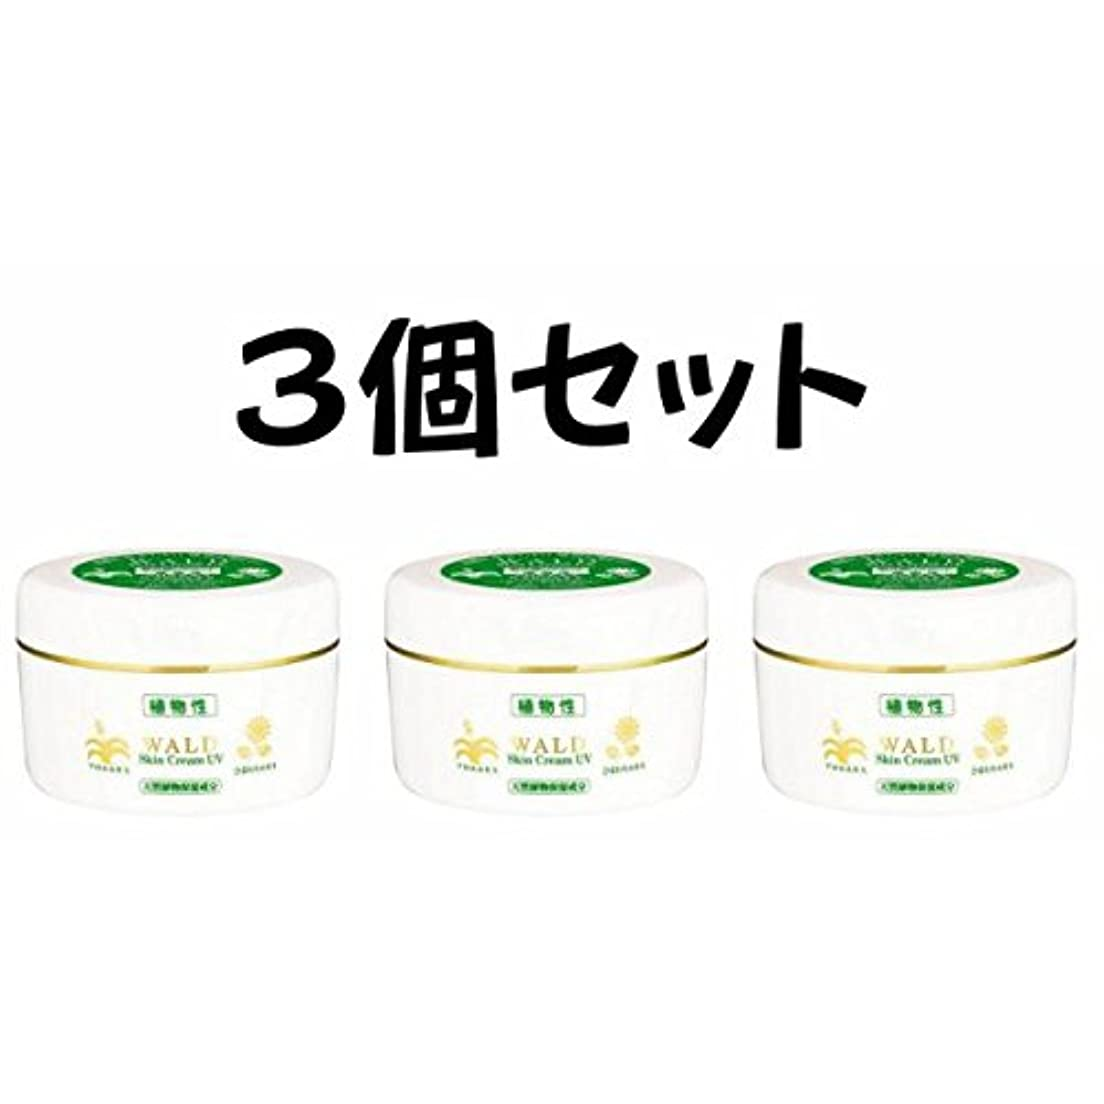 スイス人人差し指ピアノ新 ヴァルトスキンクリーム UV (WALD Skin Cream UV) 220g (3)